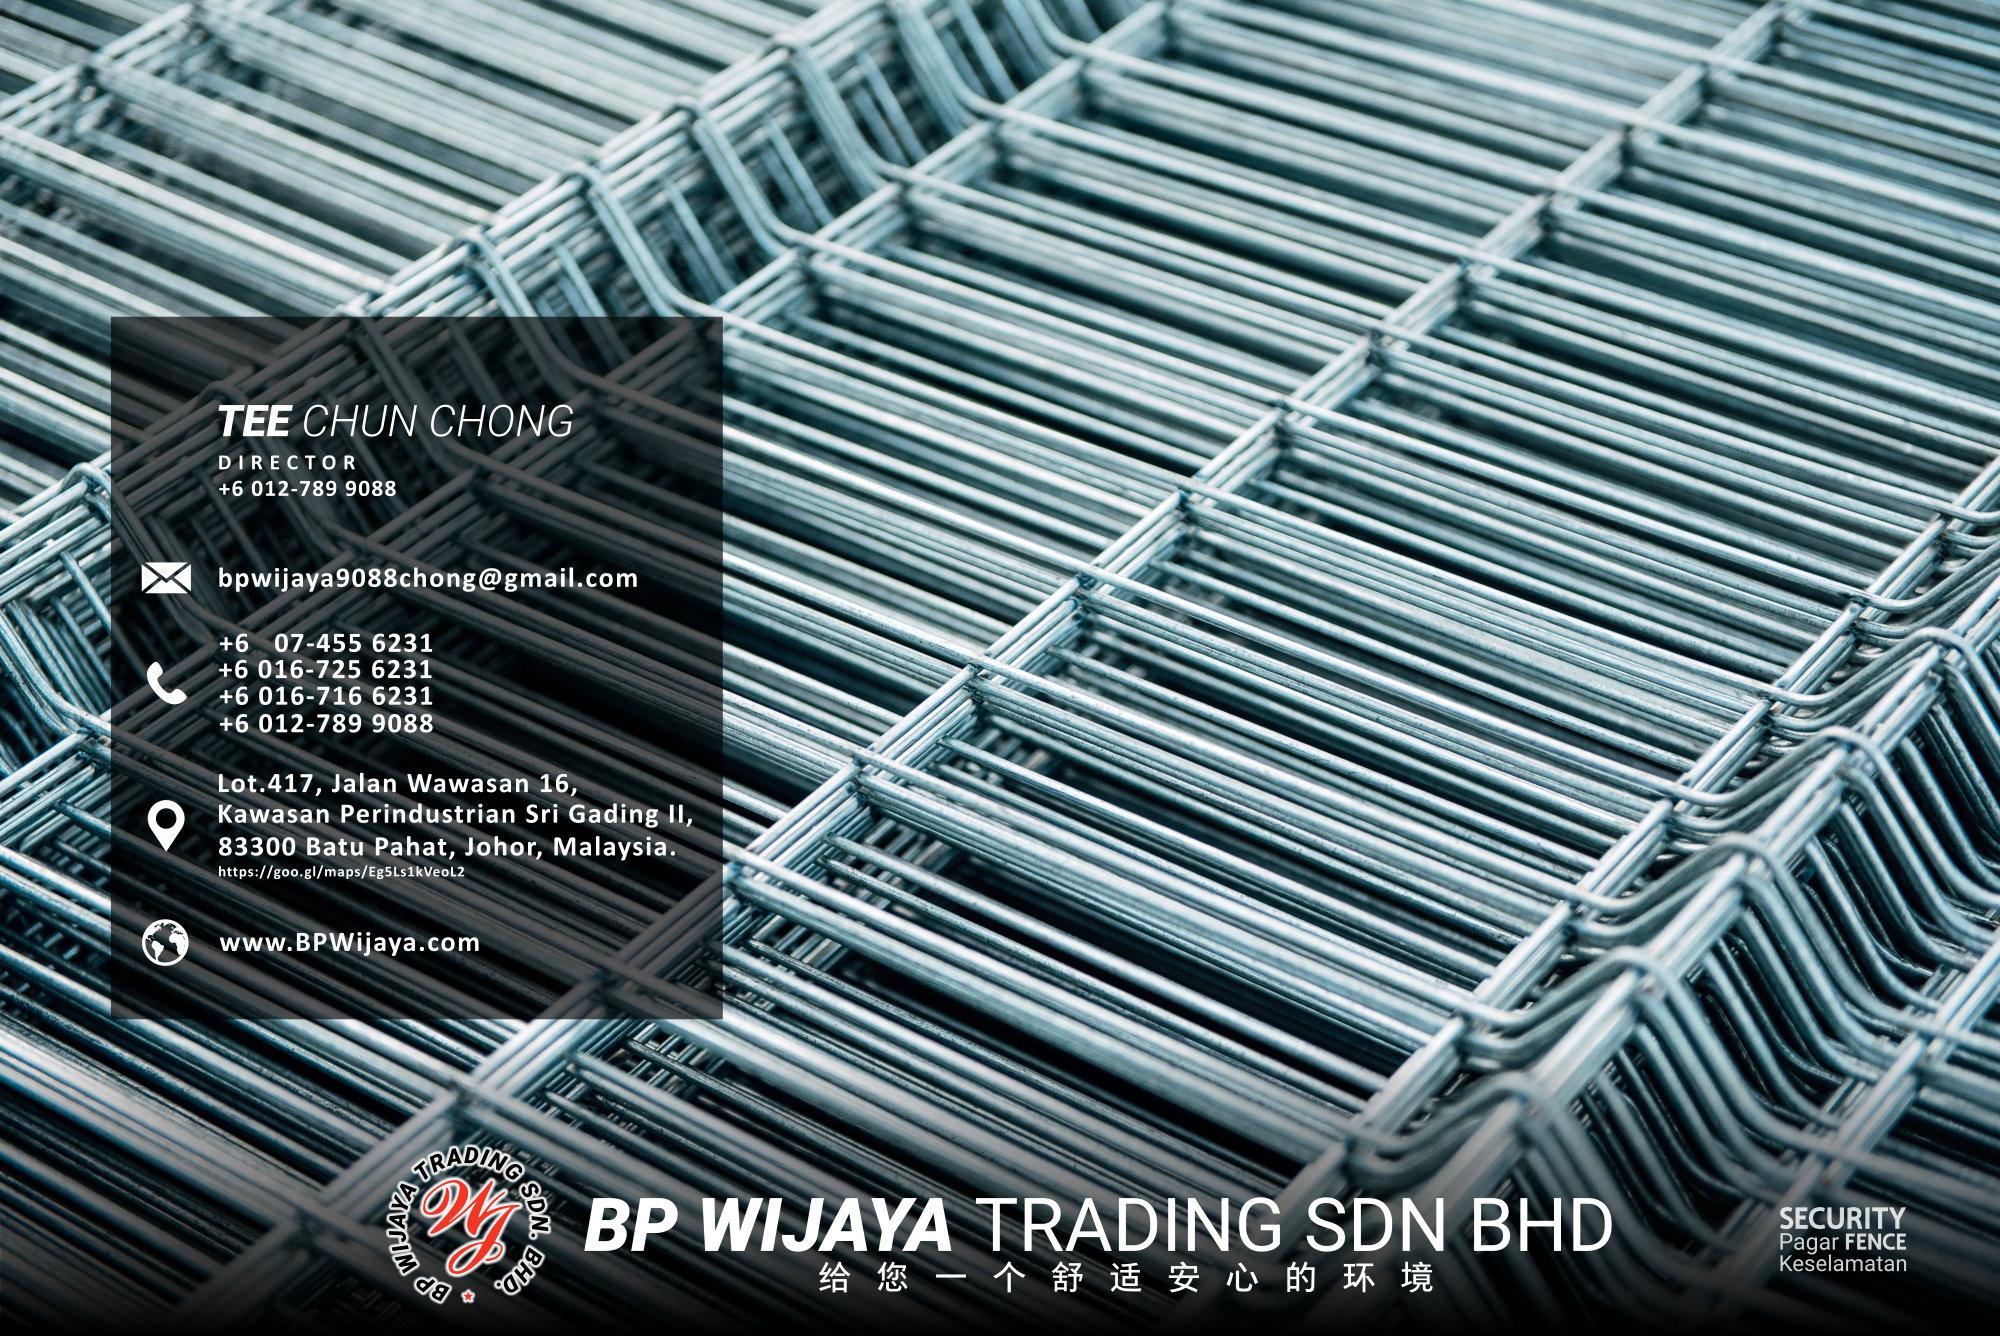 吉隆坡安全篱笆供应商 - 我们是安全篱笆制造商 BP Wijaya Trading Sdn Bhd 住家围栏篱笆 提供 吉隆坡篱笆 建筑材料 给 发展商 花园 公寓 住家 工厂 农场 果园 安全藩篱 建设 A03-013